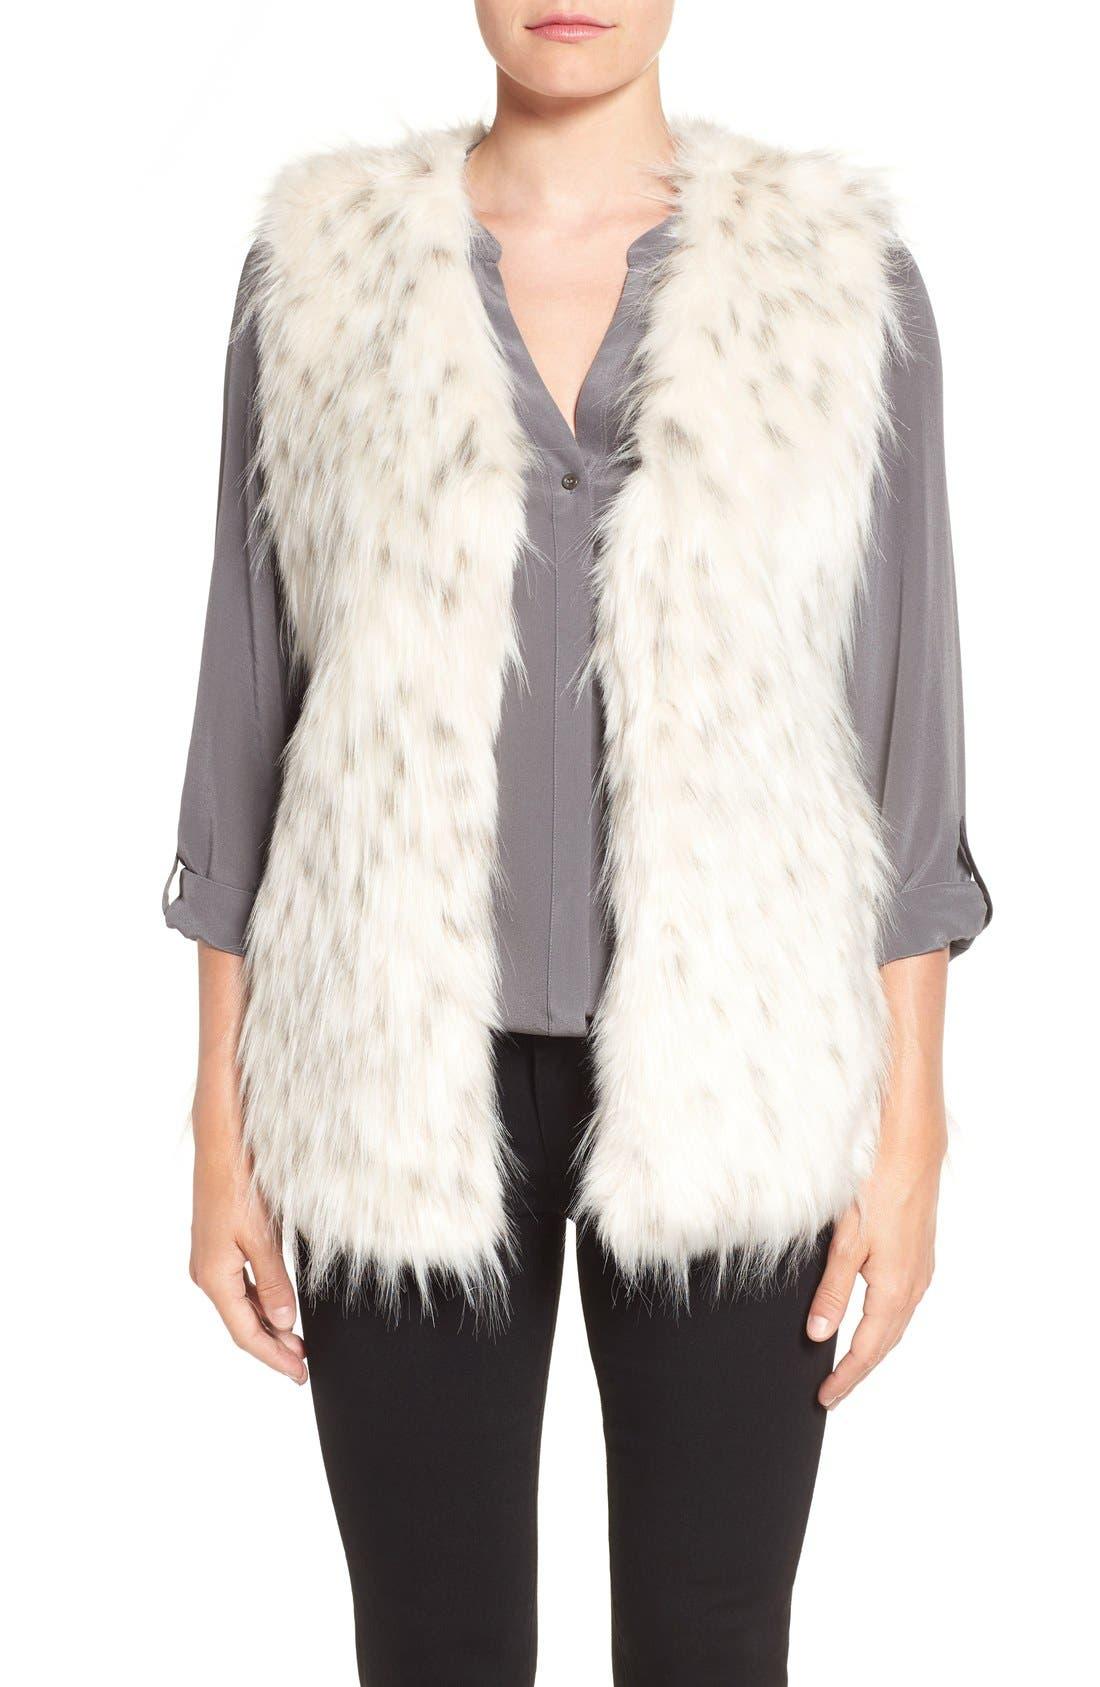 VIA SPIGA Collarless Faux Fur Vest